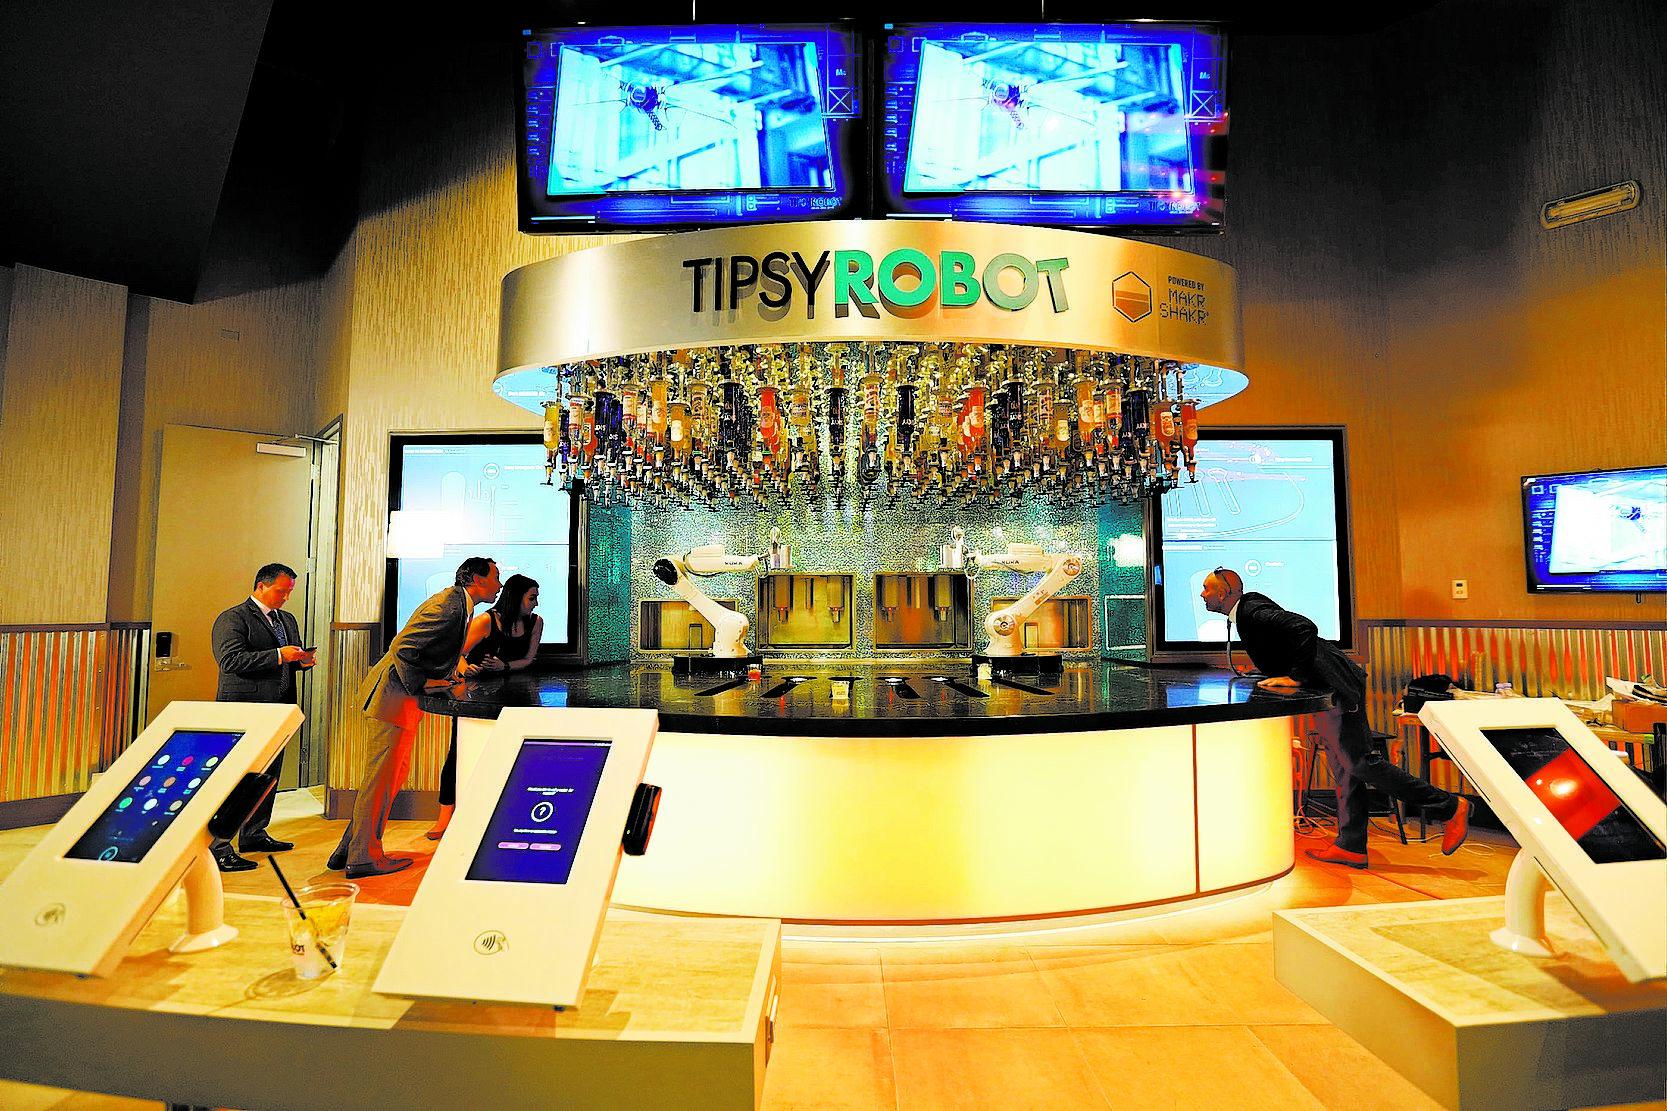 Tipsy Robot